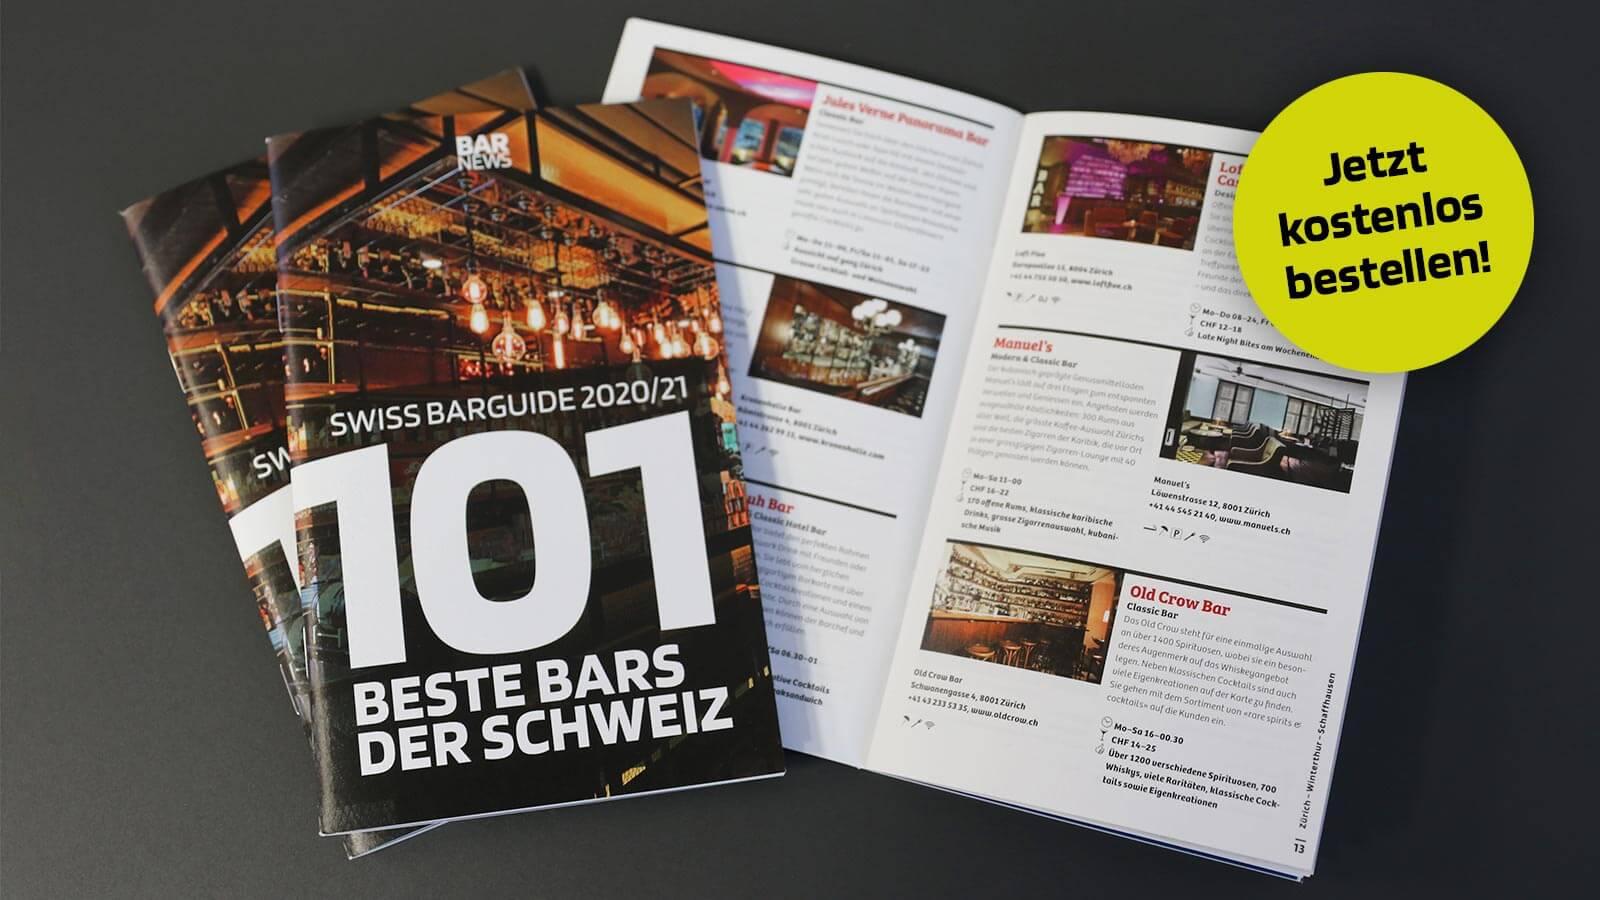 101 beste Bars der Schweiz - Swiss Barguide